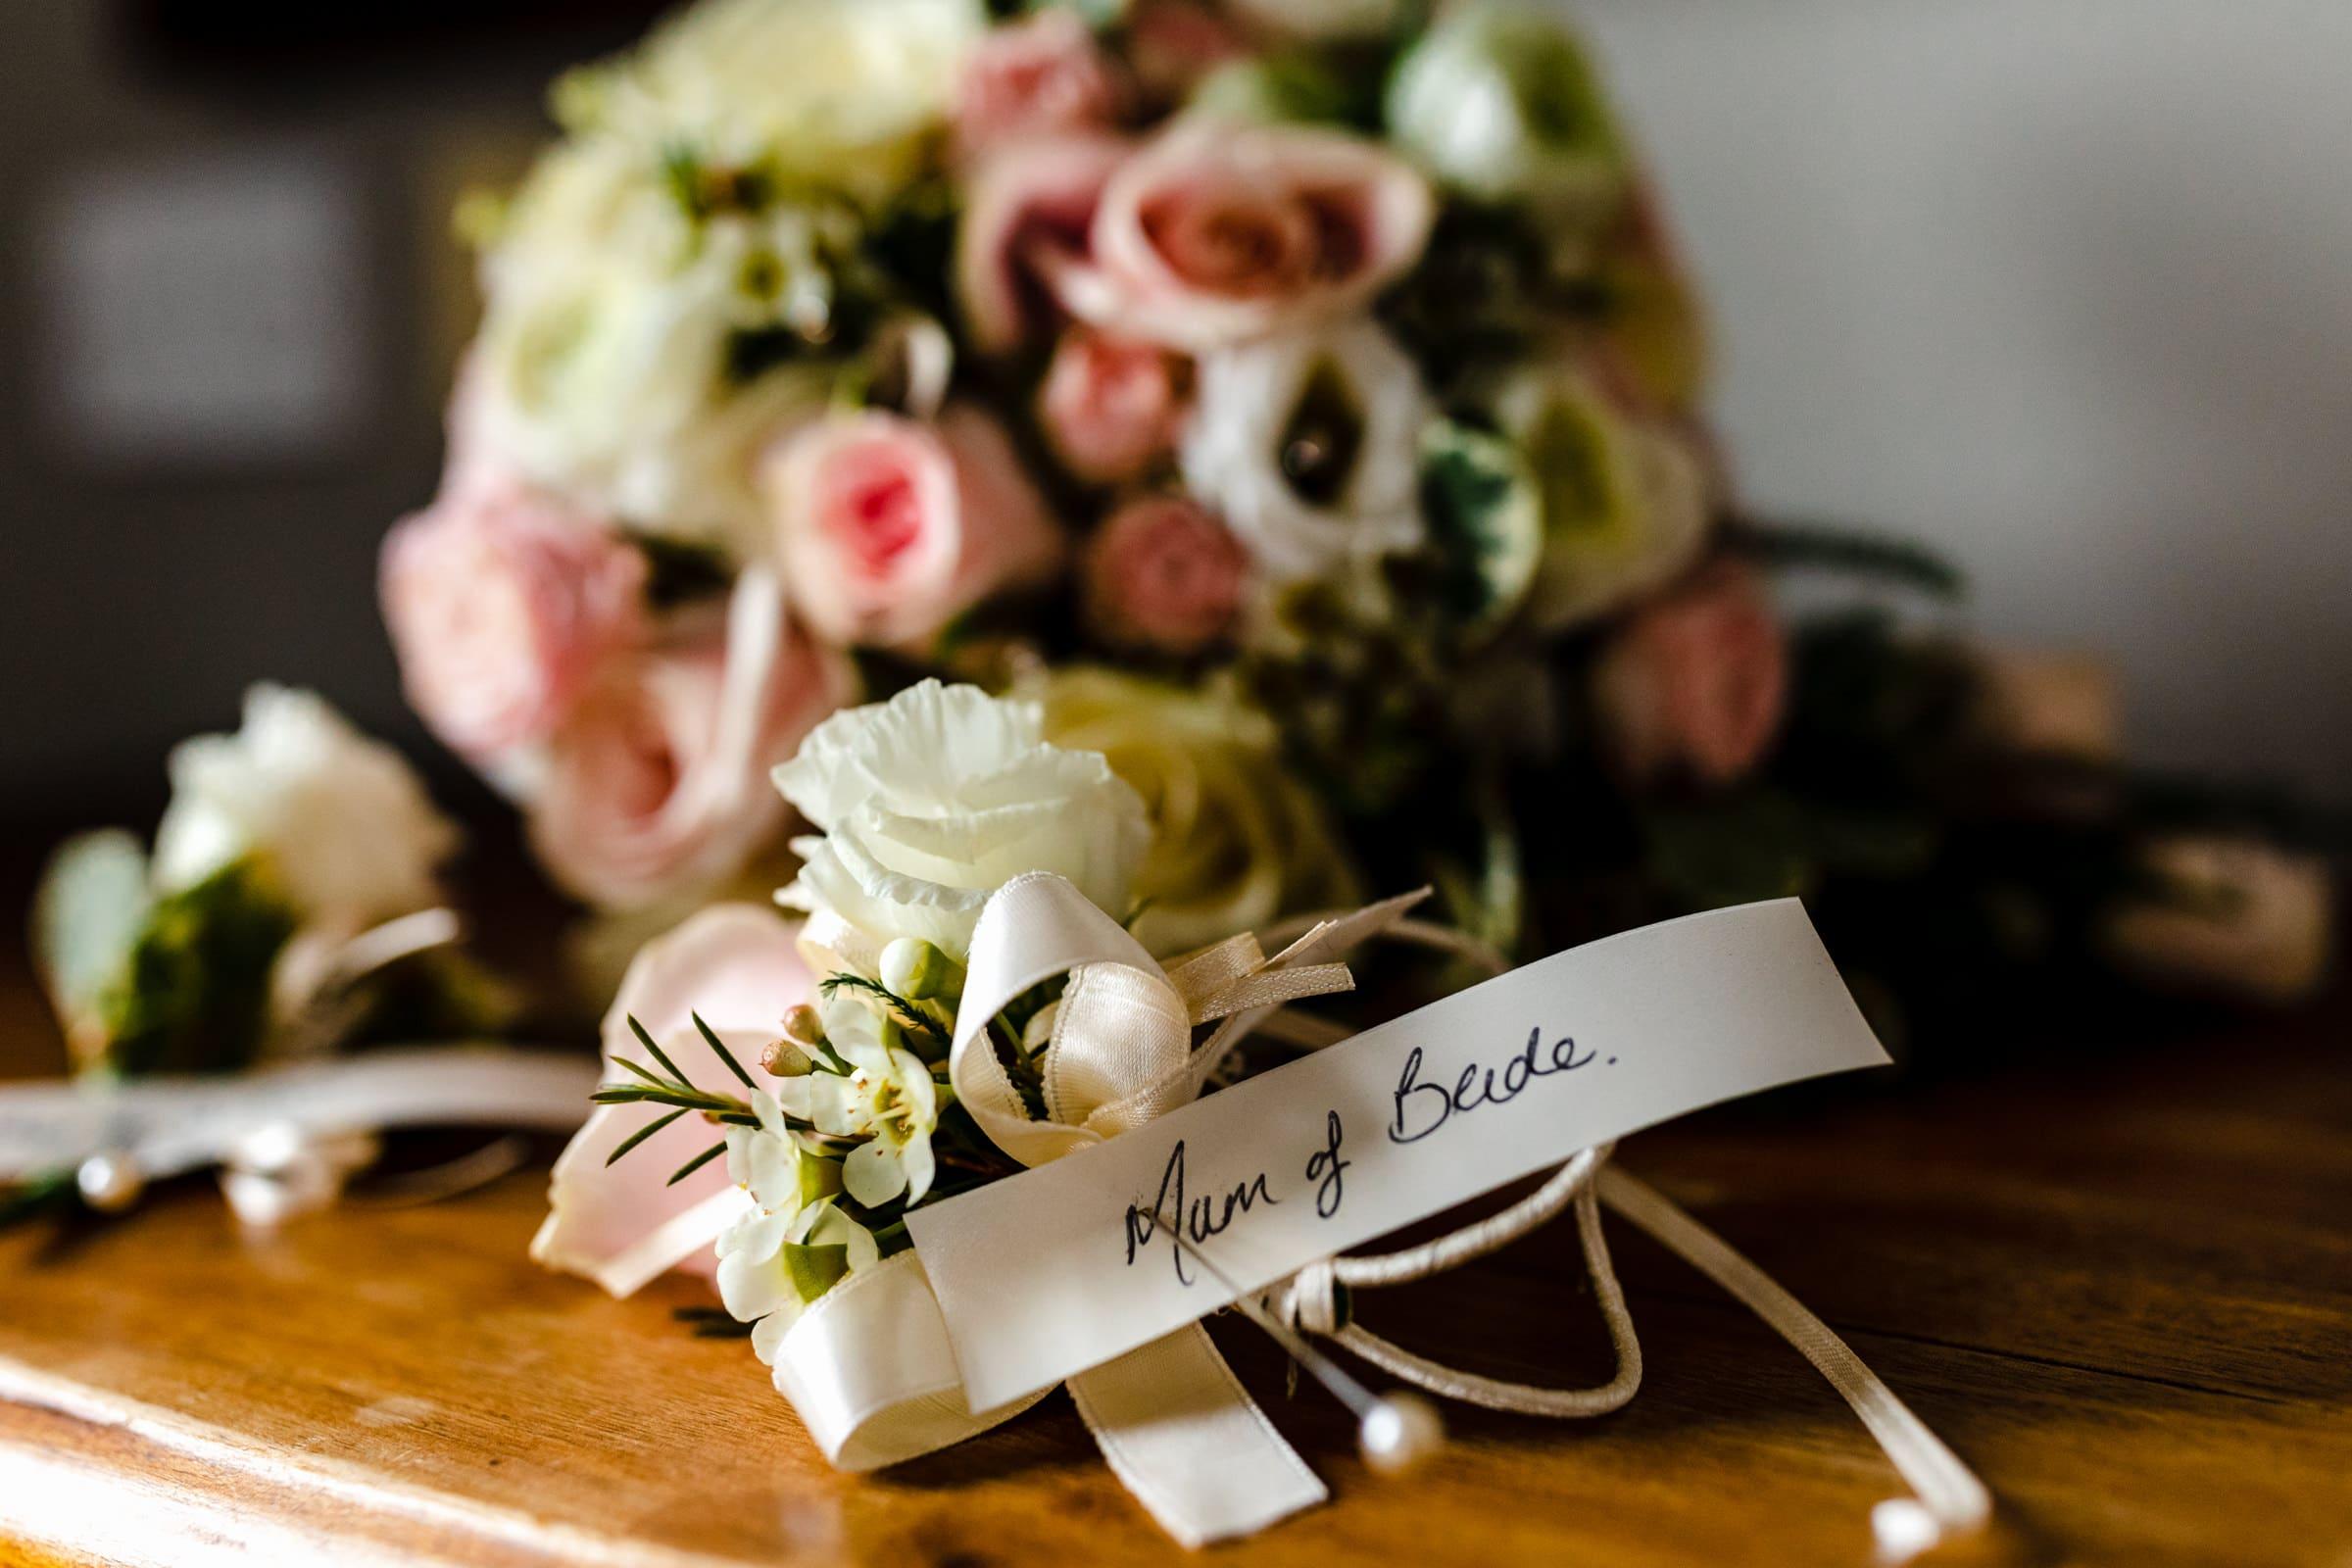 Aj Gutteridge Flowers - Art by Design Photography